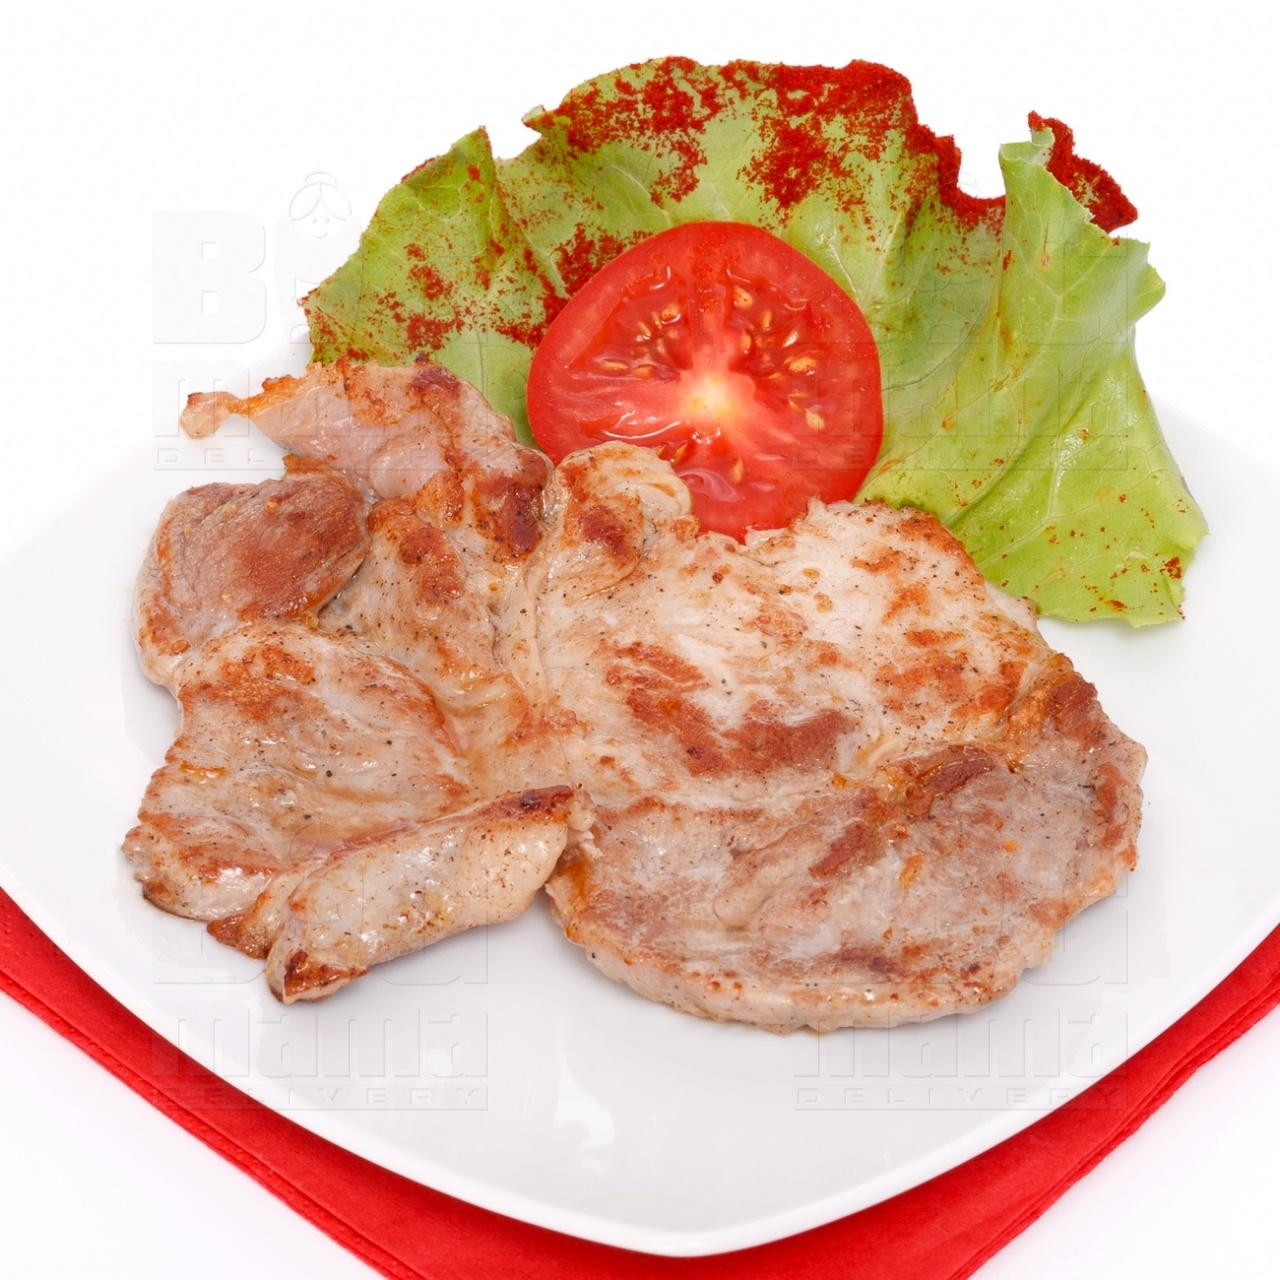 Product #20 image - Ceafă de porc la grătar